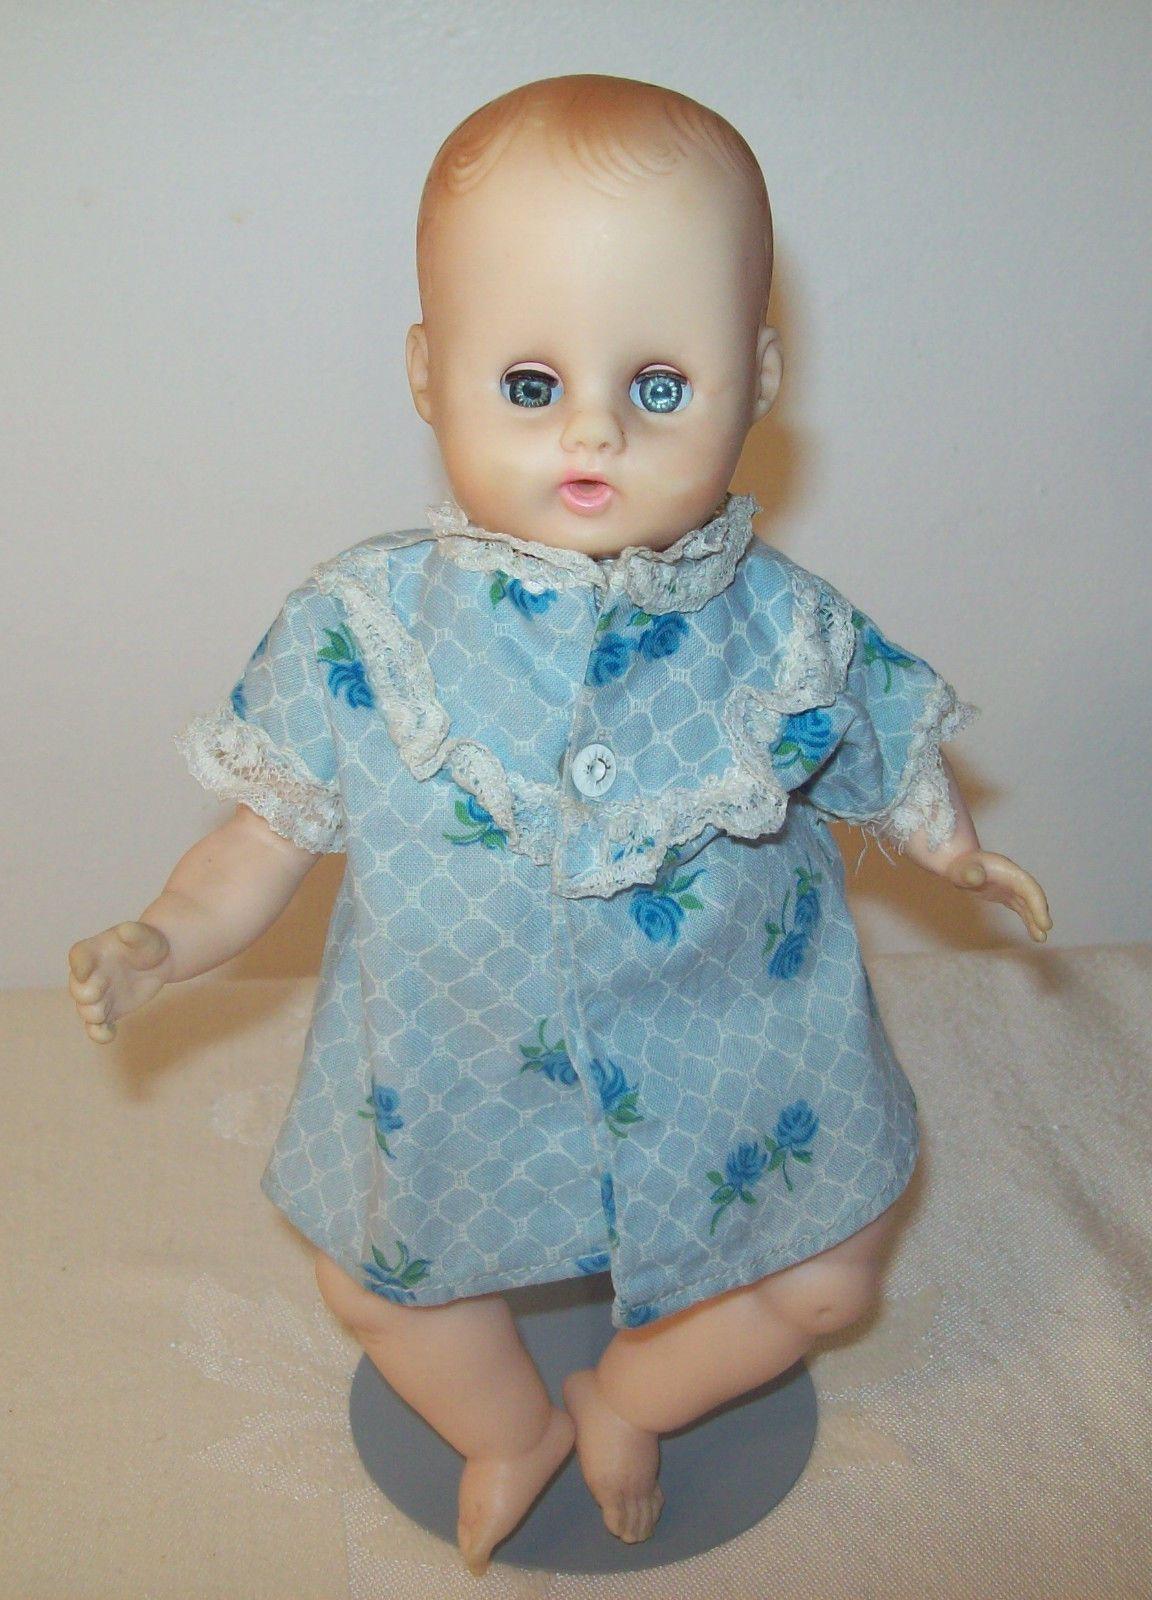 Vintage Vogue 8 Baby Doll 1967 Ebay Soft Stuffed Body Baby Dolls Vintage Vogue Classic Toys